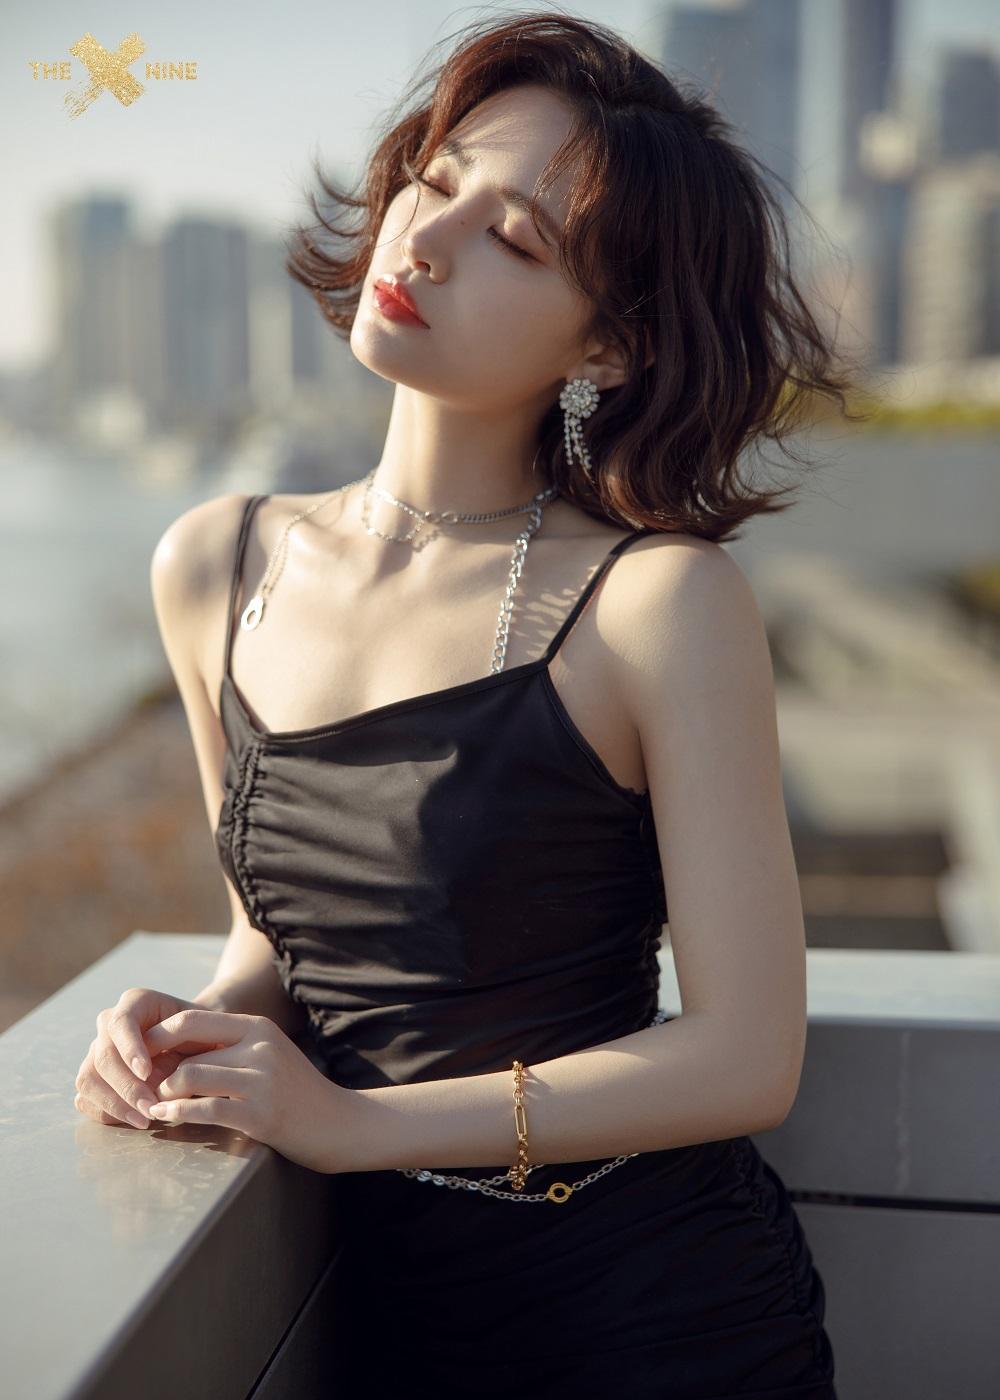 许佳琪出席时尚活动